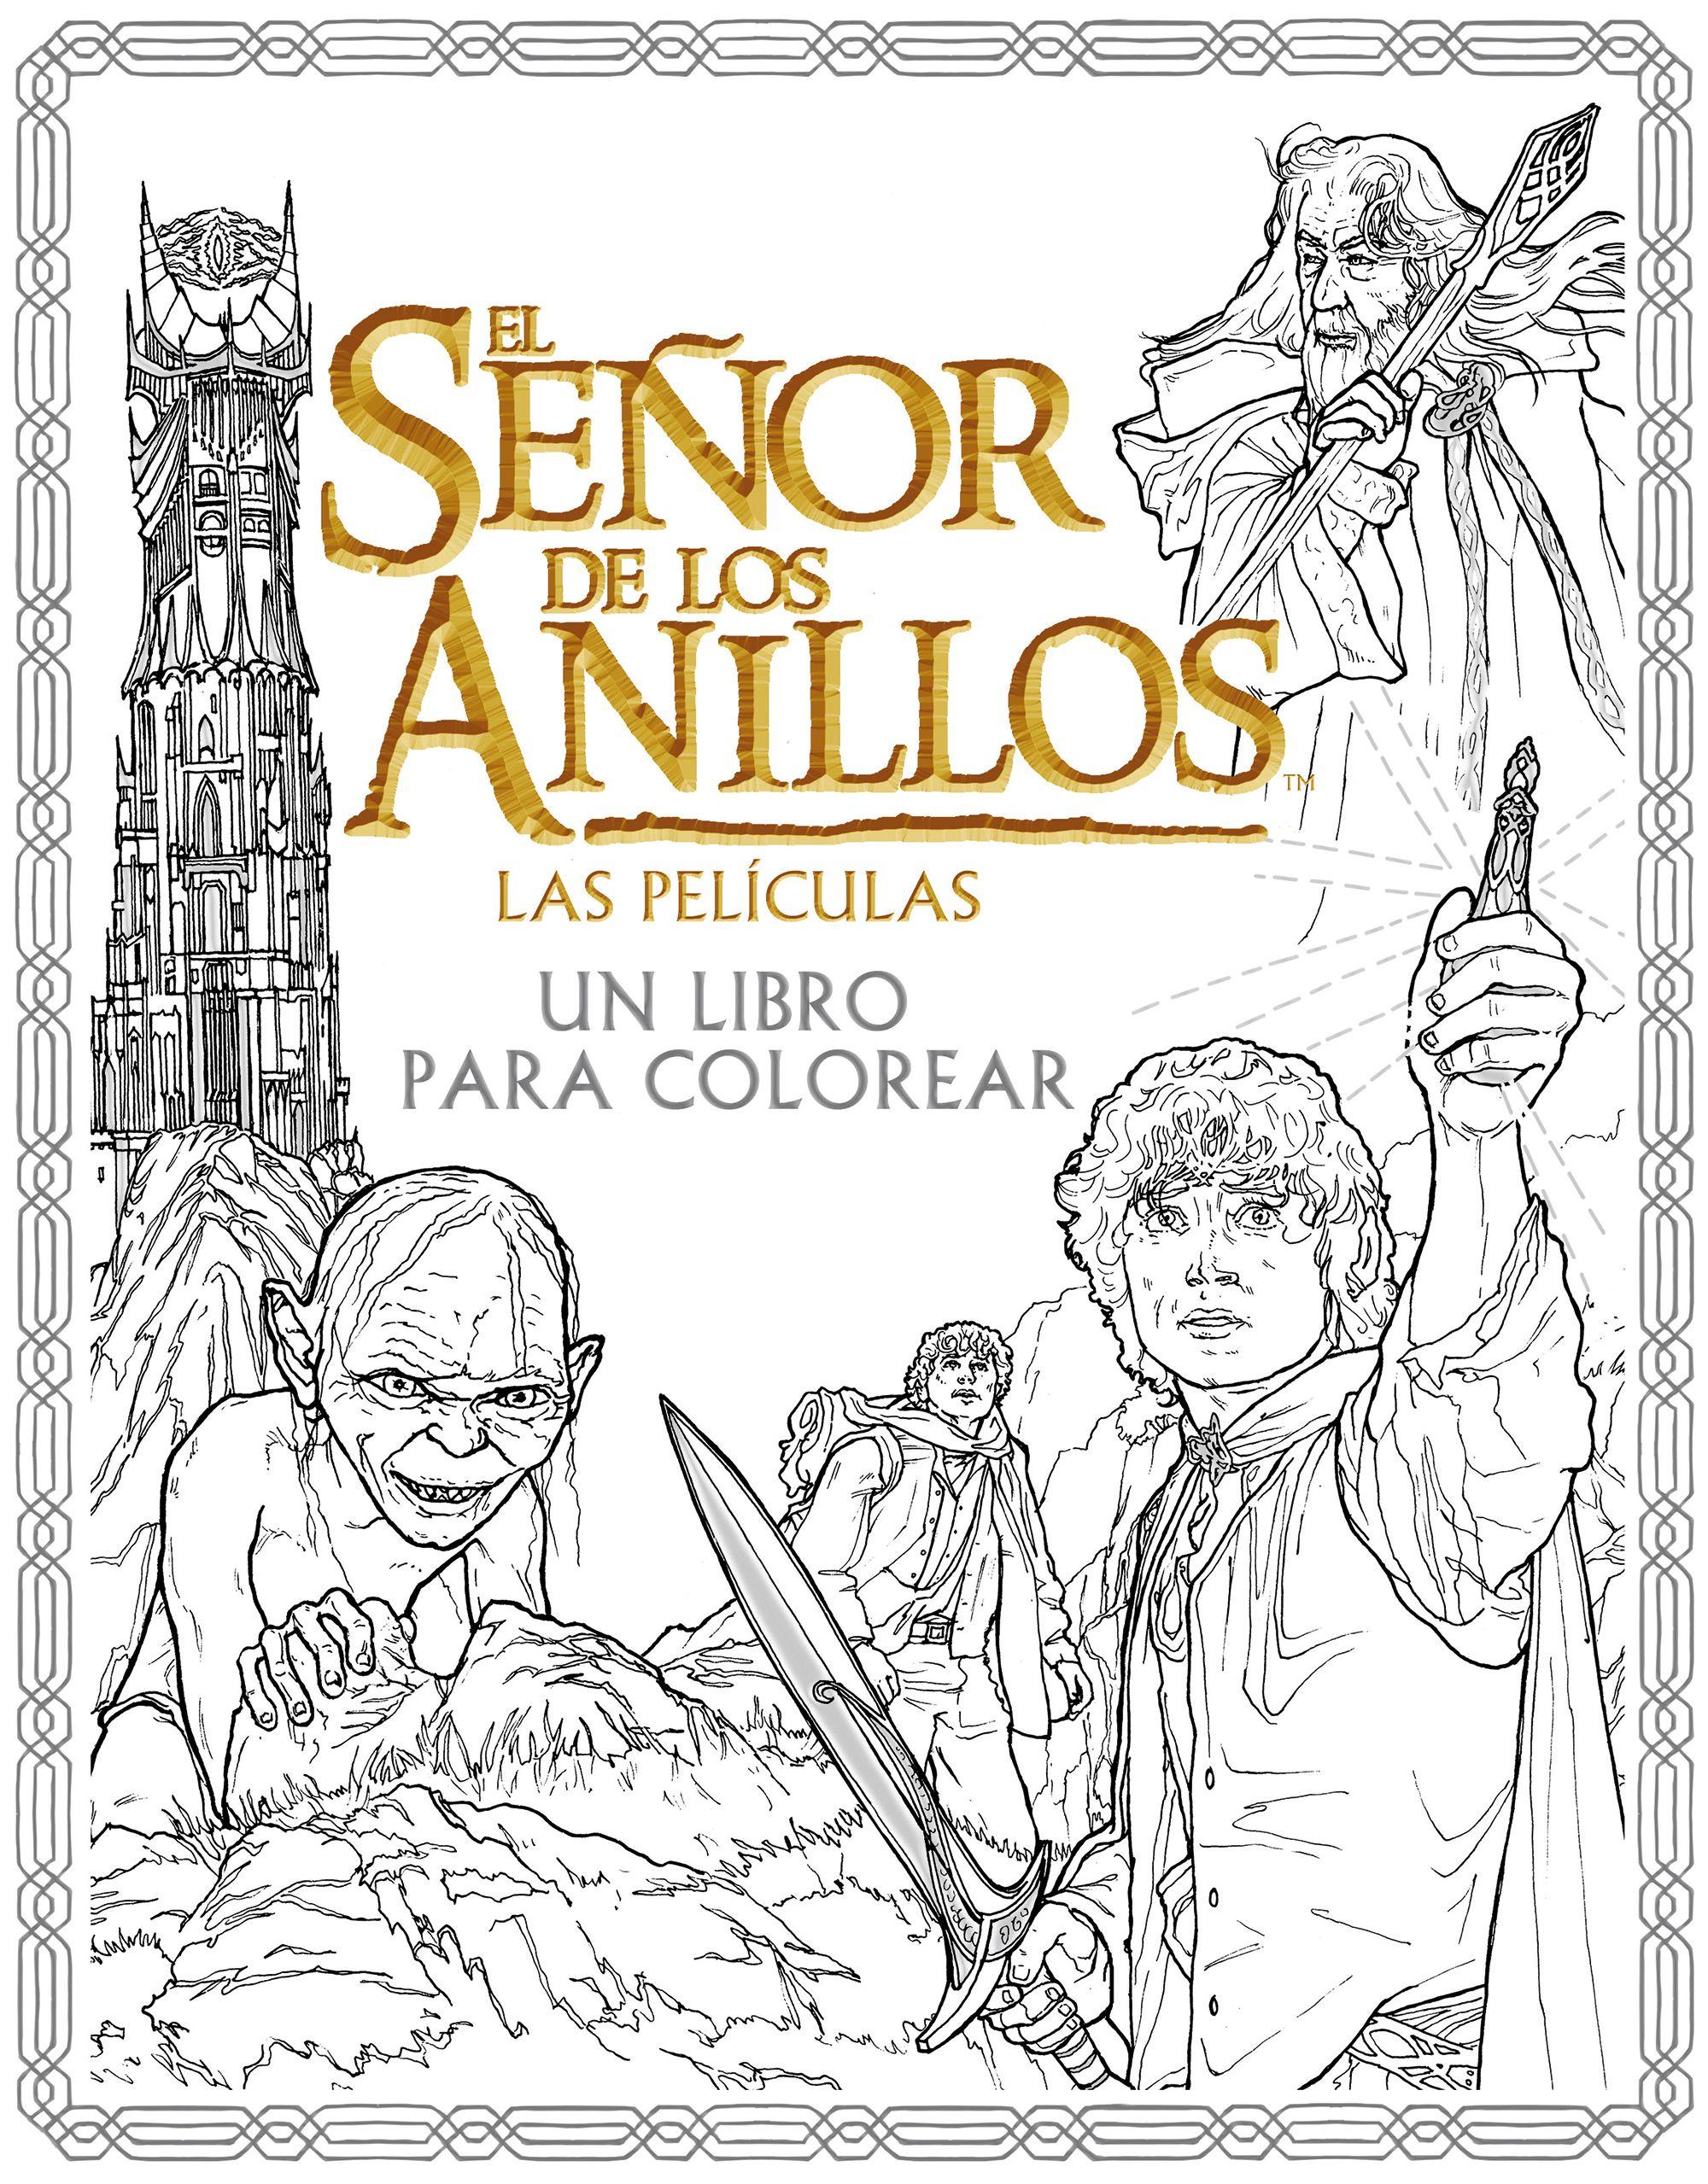 Hermosa Libros De Colorear Patrón - Dibujos Para Colorear En Línea ...